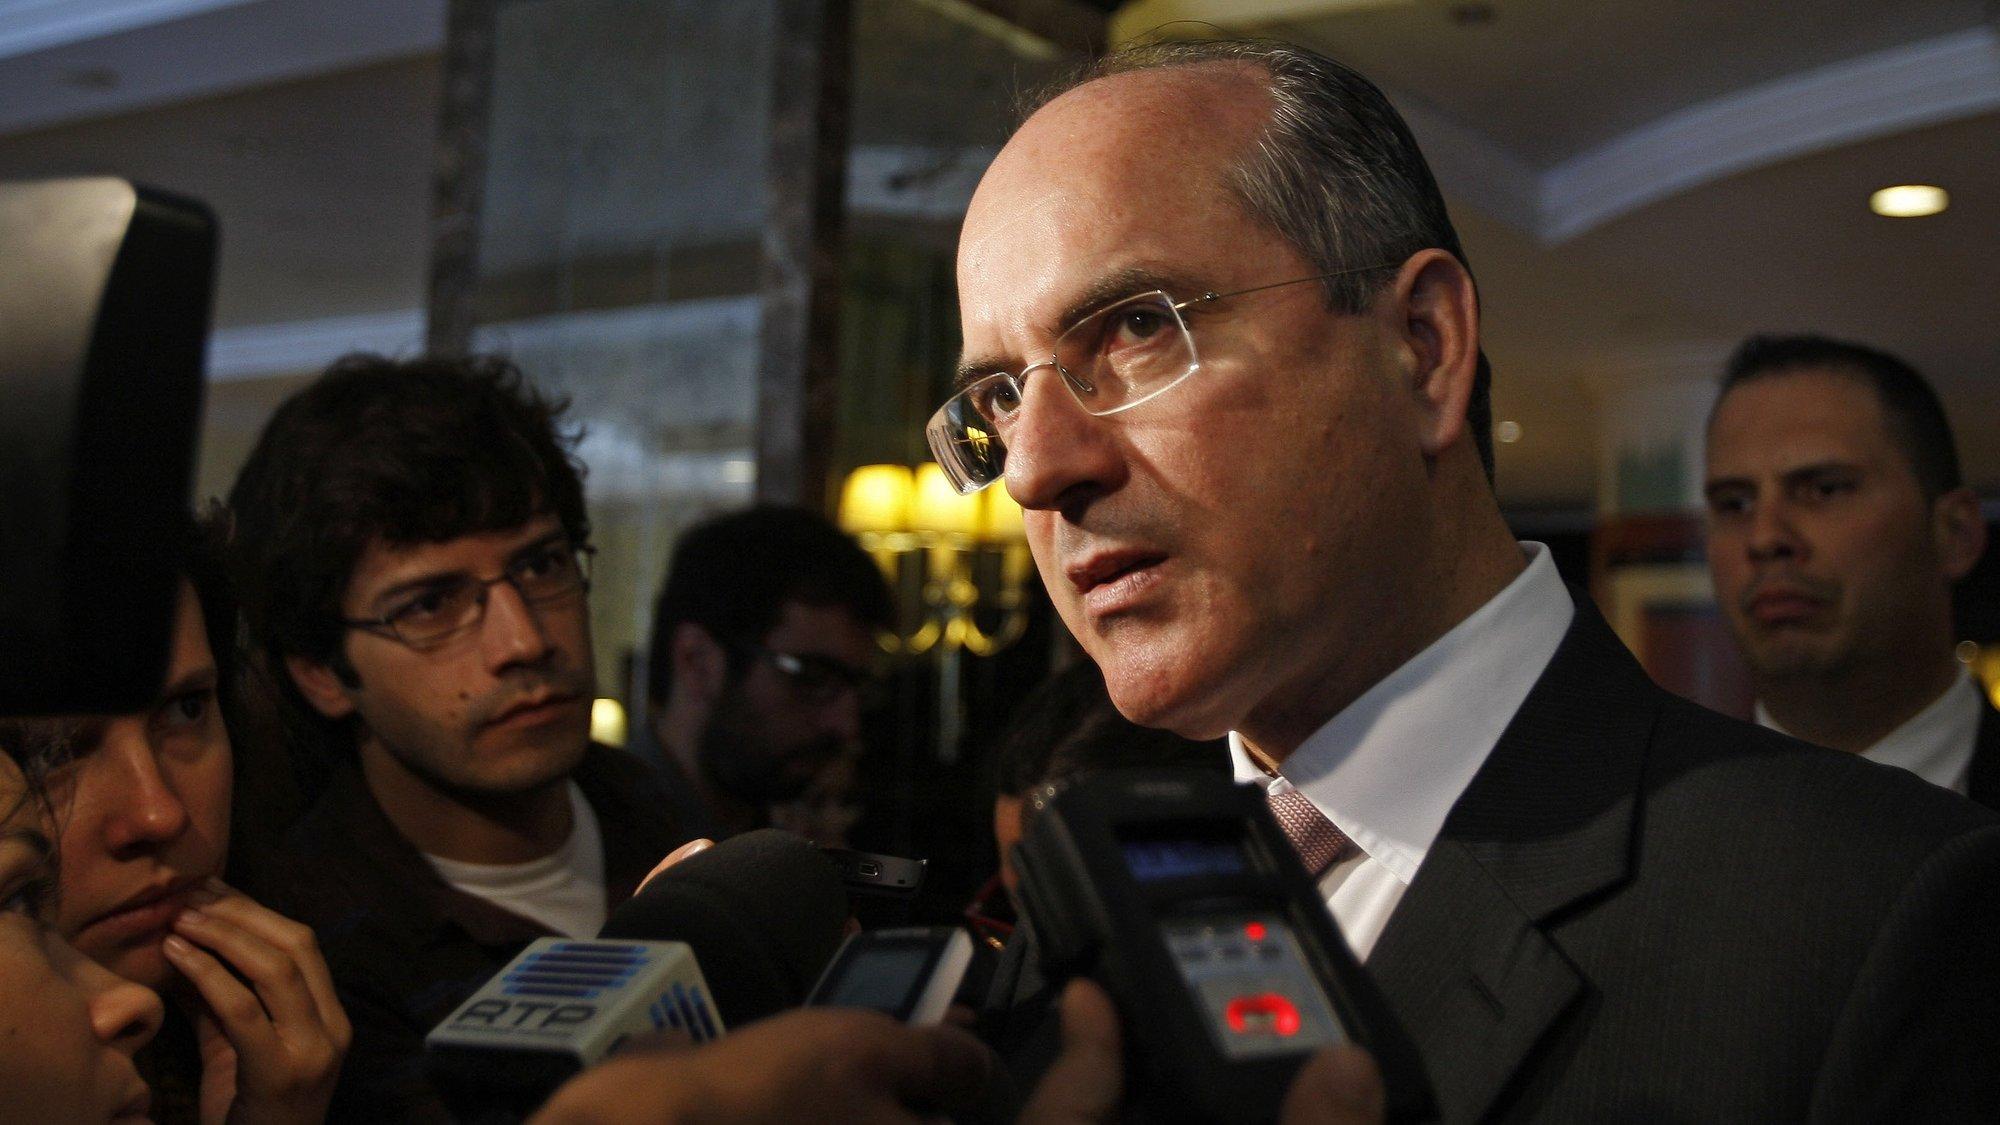 O ex-Presidente do BPP (Banco Privado Português), João Rendeiro, sai da assembleia-geral da Privado Holding, para análise do recurso do banco ao fundo lançado pelo Governo, hoje 21 de Maio de 2009 num hotel de Lisboa. TIAGO PETINGA/LUSA